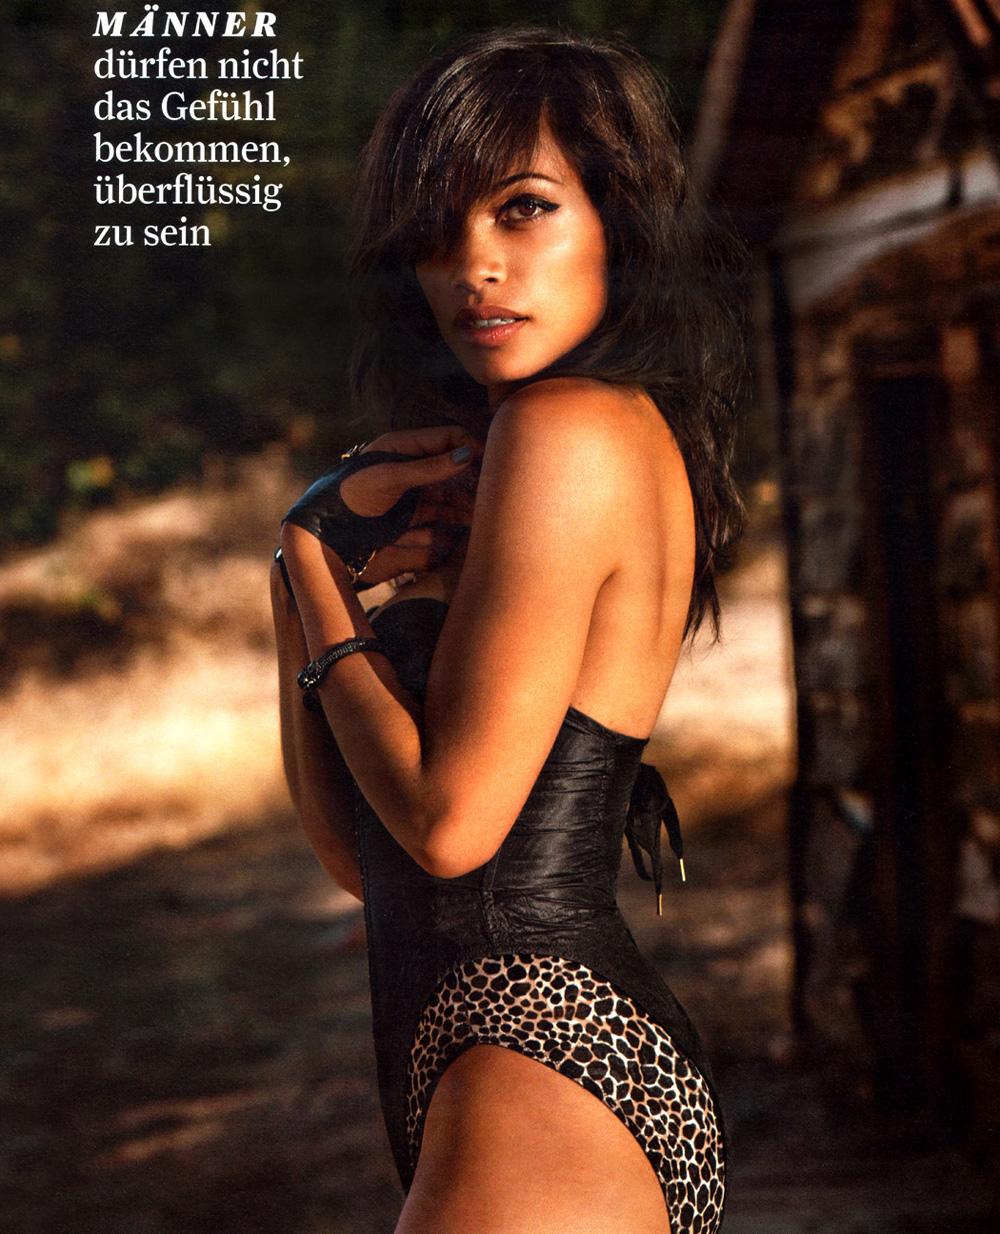 Nacktfotos von Rosario Dawson im Internet - Mediamass